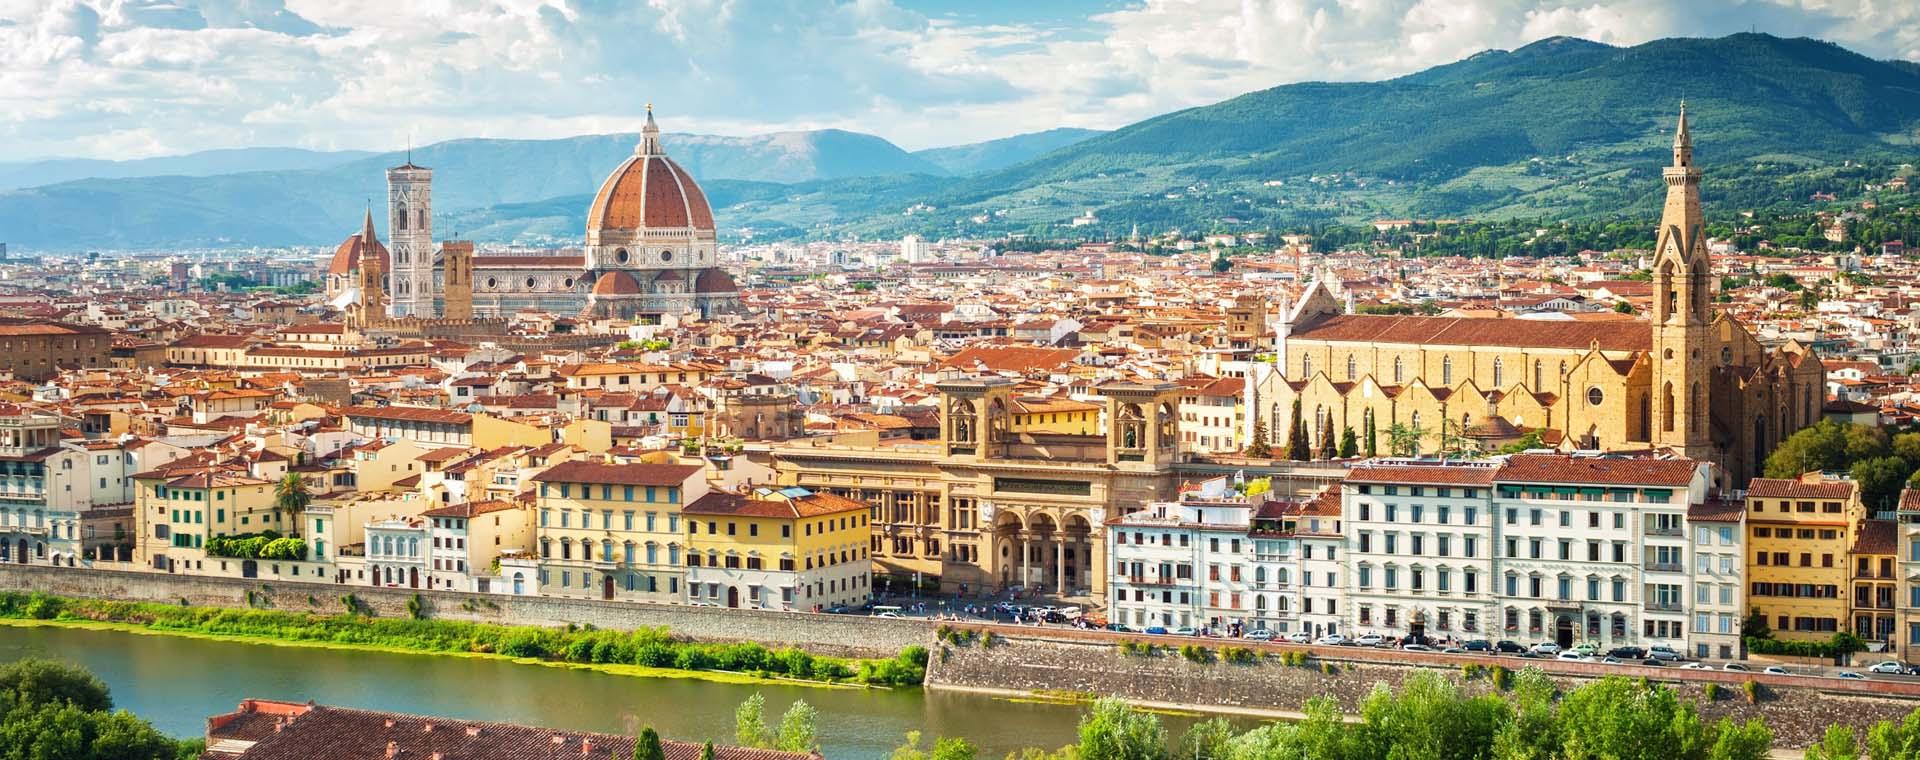 Экскурсия из Ливорно во Флоренцию и Пизу - гид Ирина Лихота